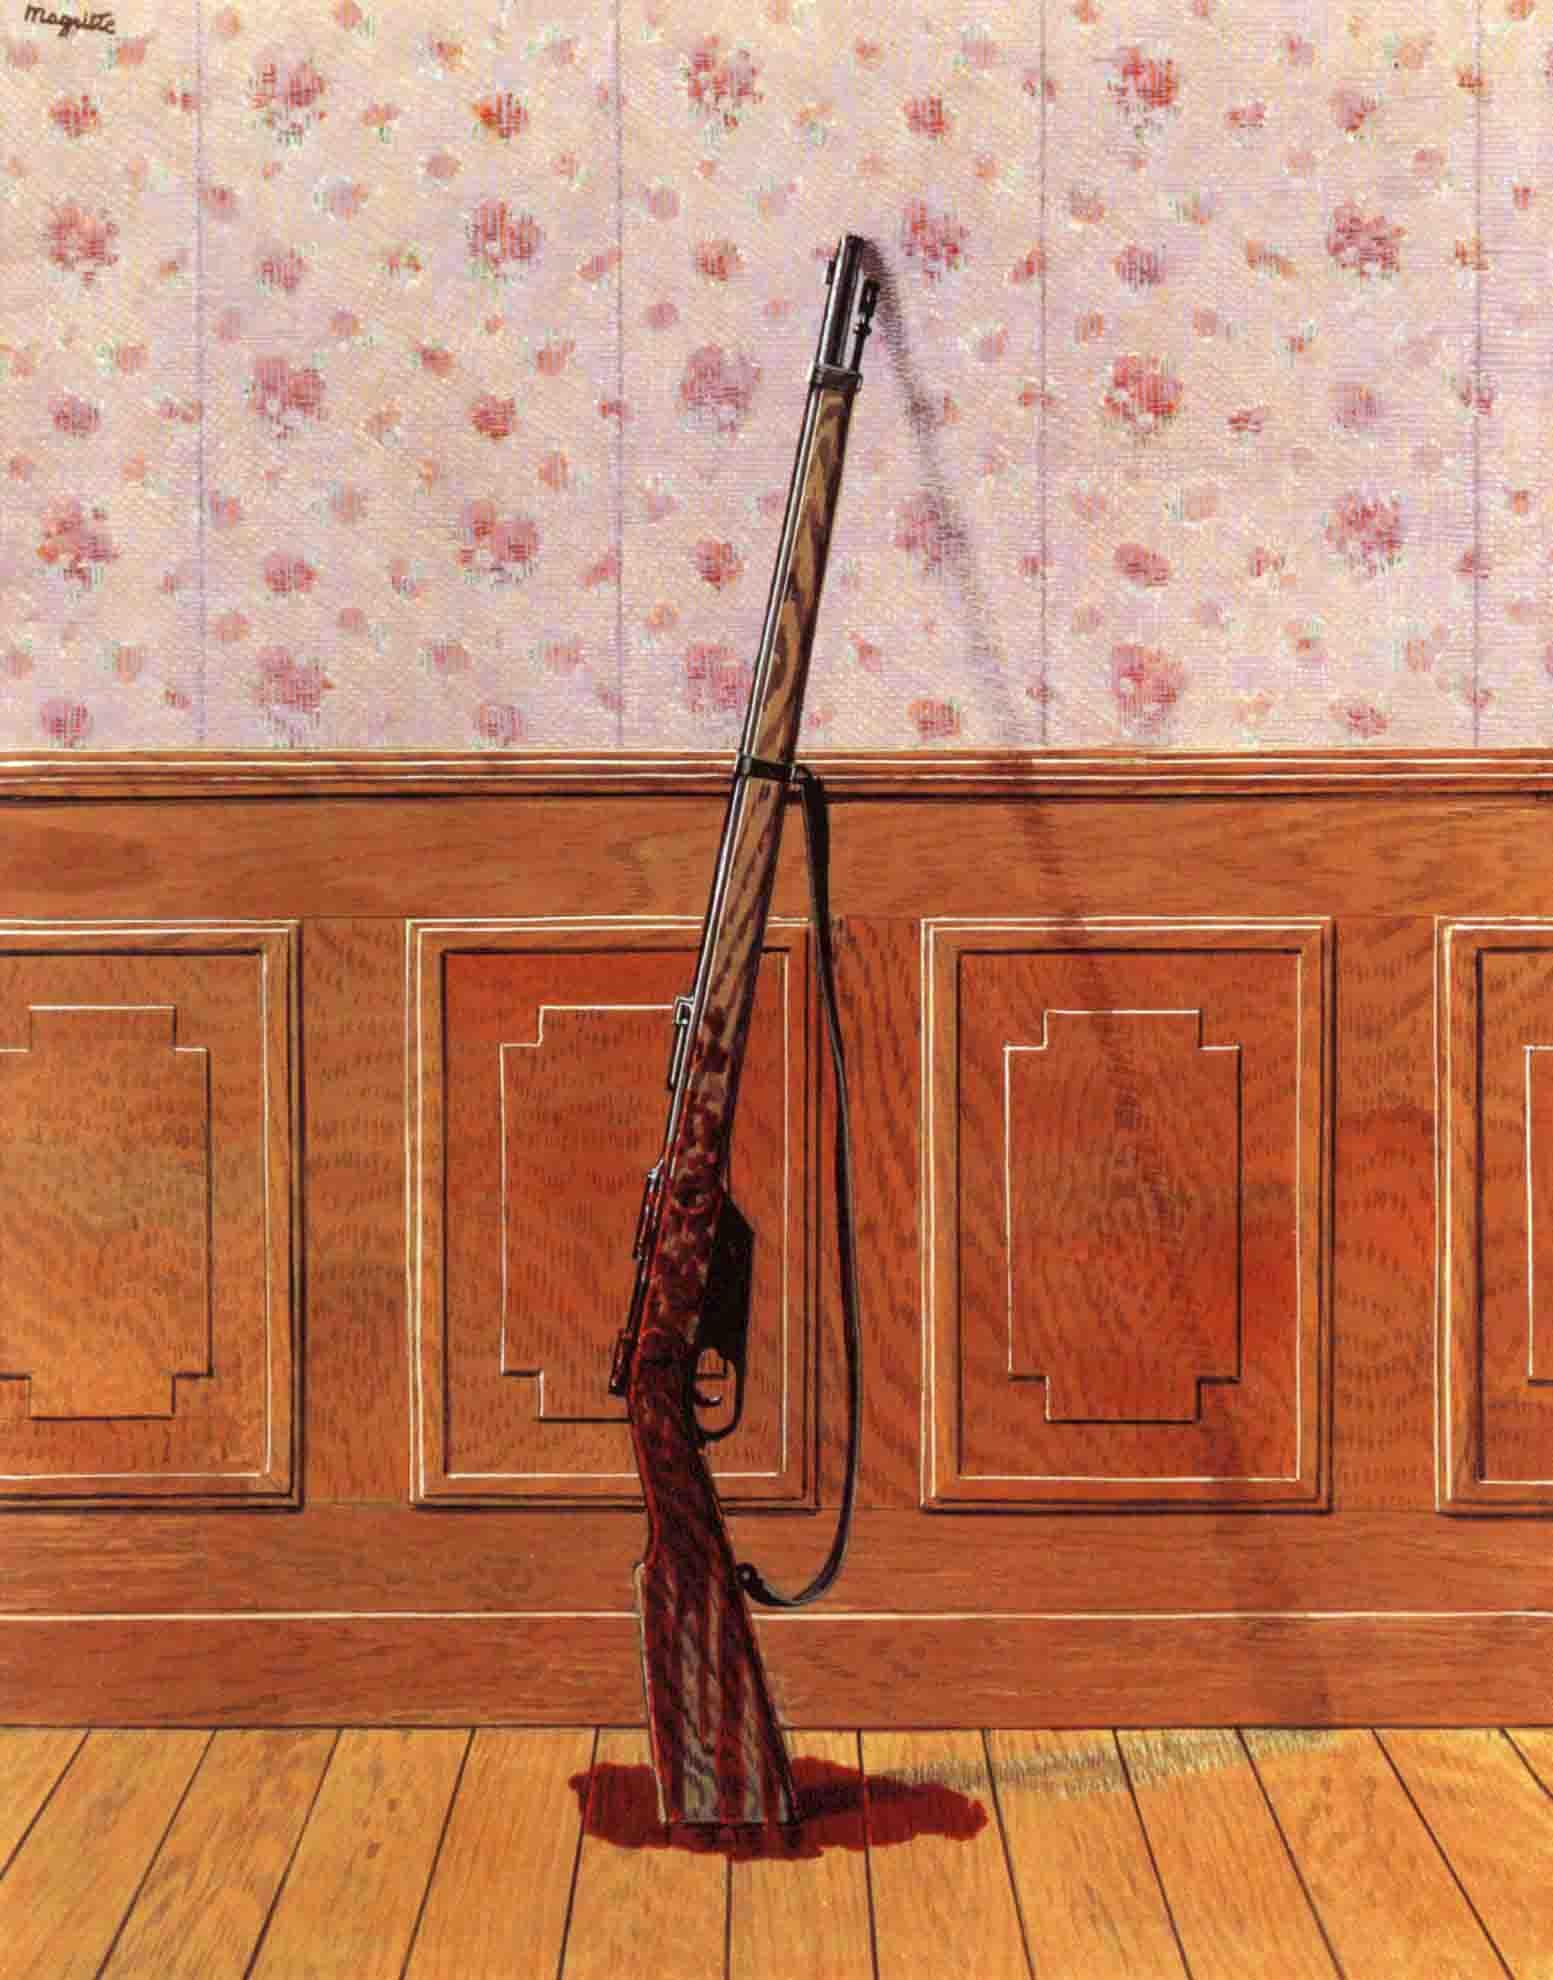 Le Survivant (Выживший), Рене Магритт, бельгийский художник сюрреалист